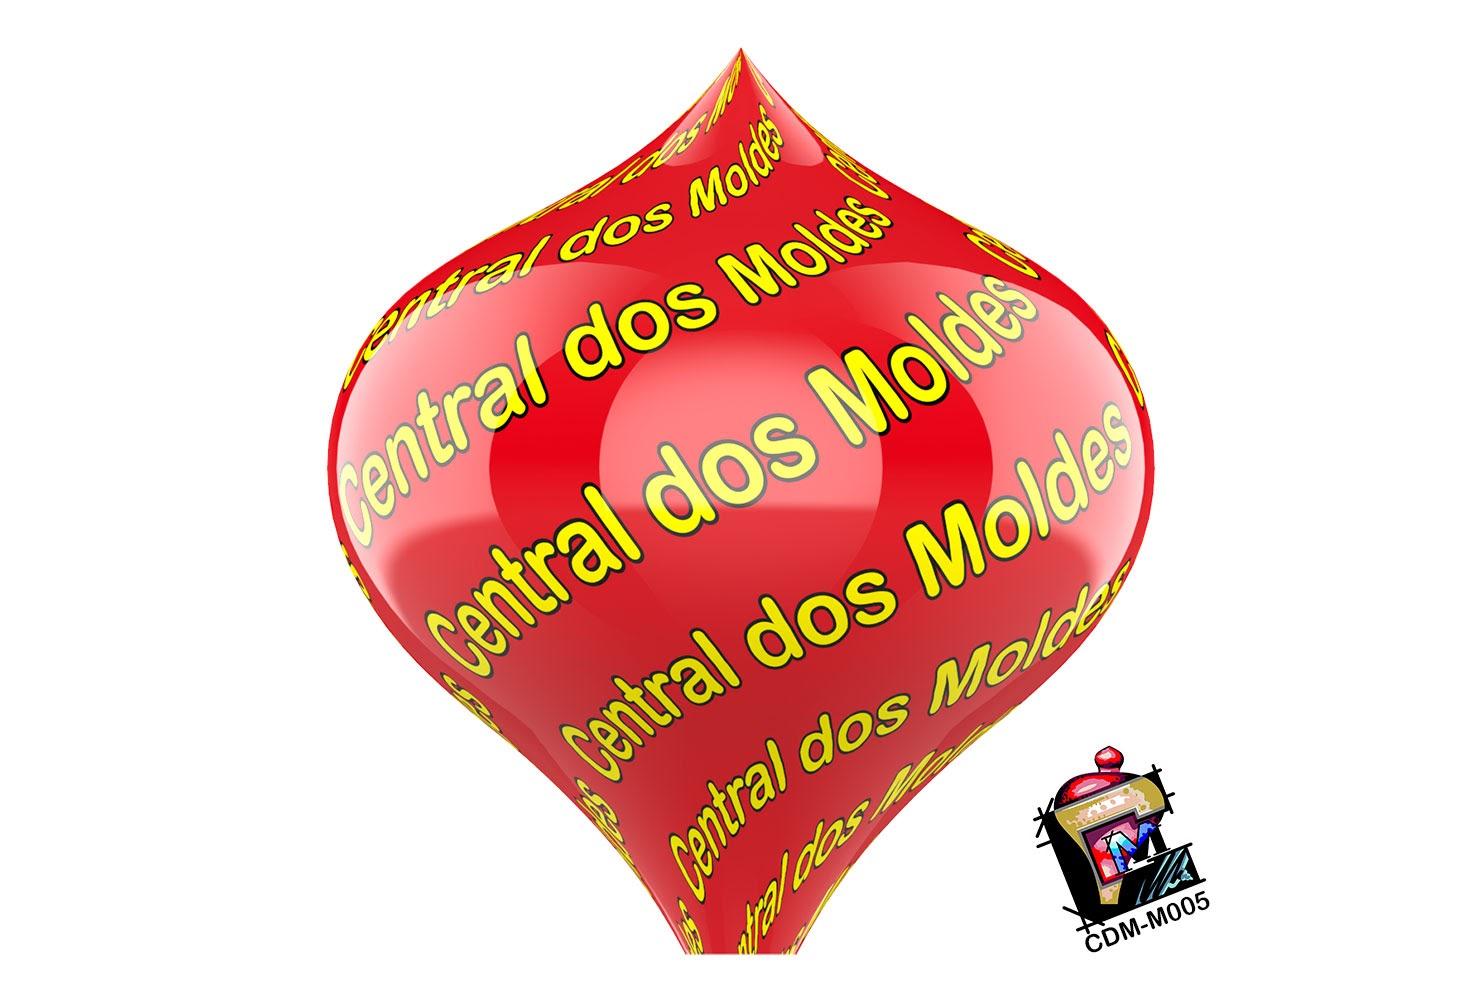 CDM-M005-28092012 - Silhueta